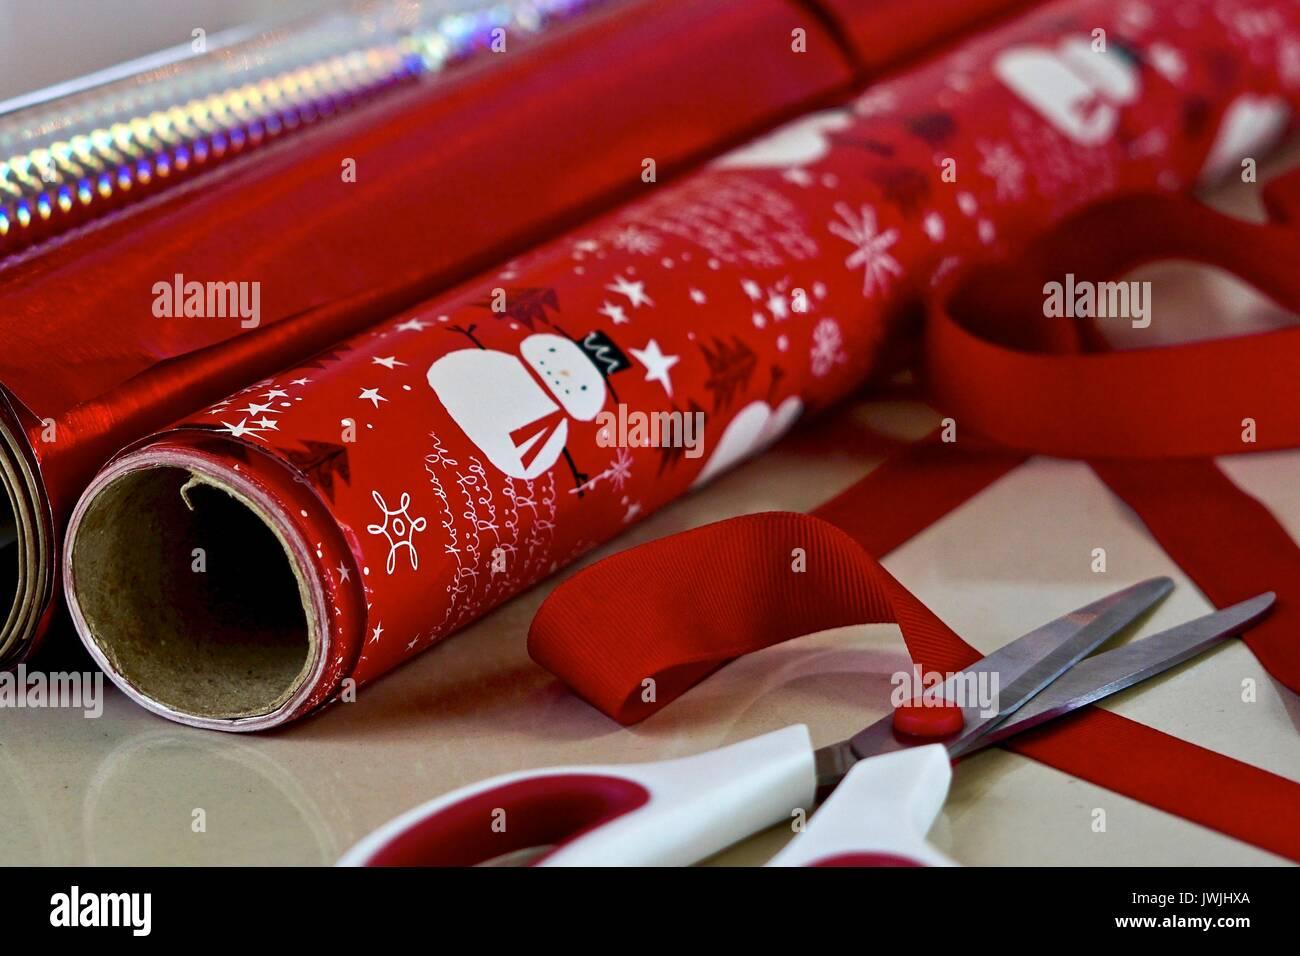 Rollos de papel de regalo de Navidad y tijeras Imagen De Stock